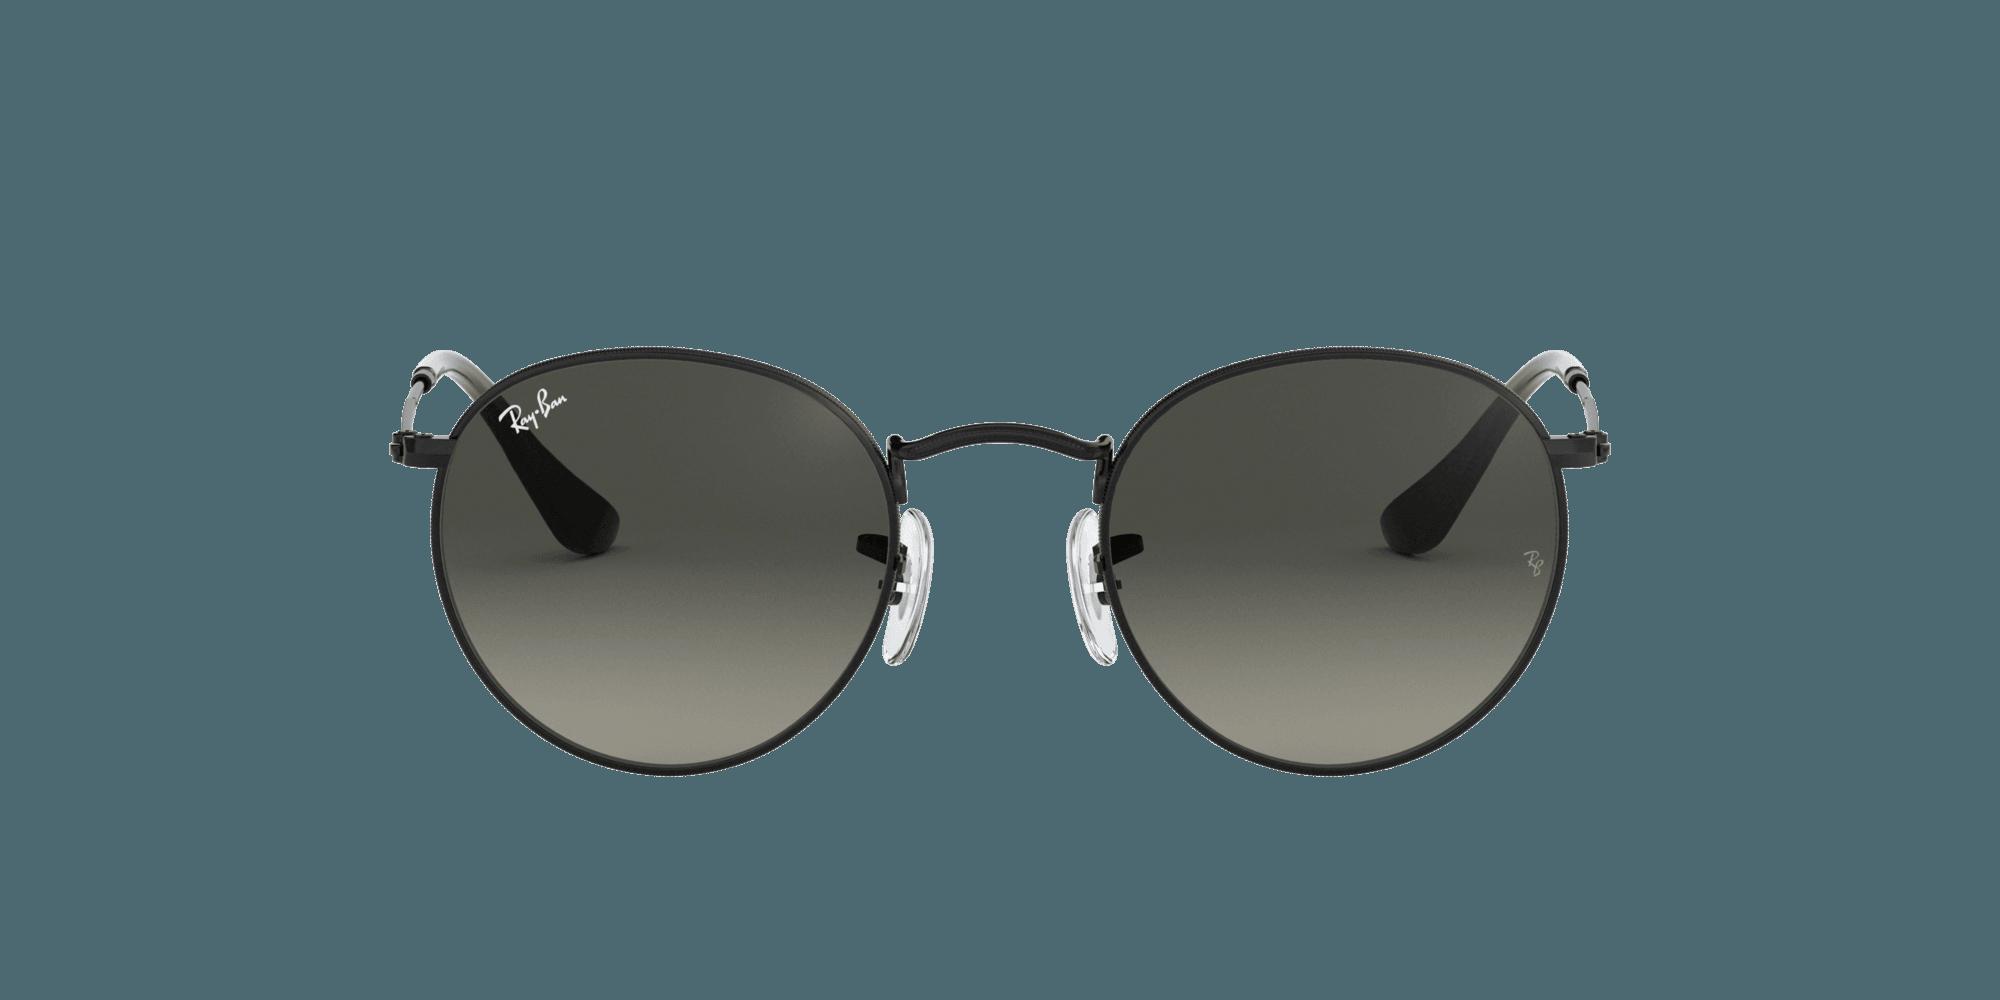 Style Modern Damen Sonnenbrille Modell 152 Schwarz mit Verlaufsgläsern NEU !!